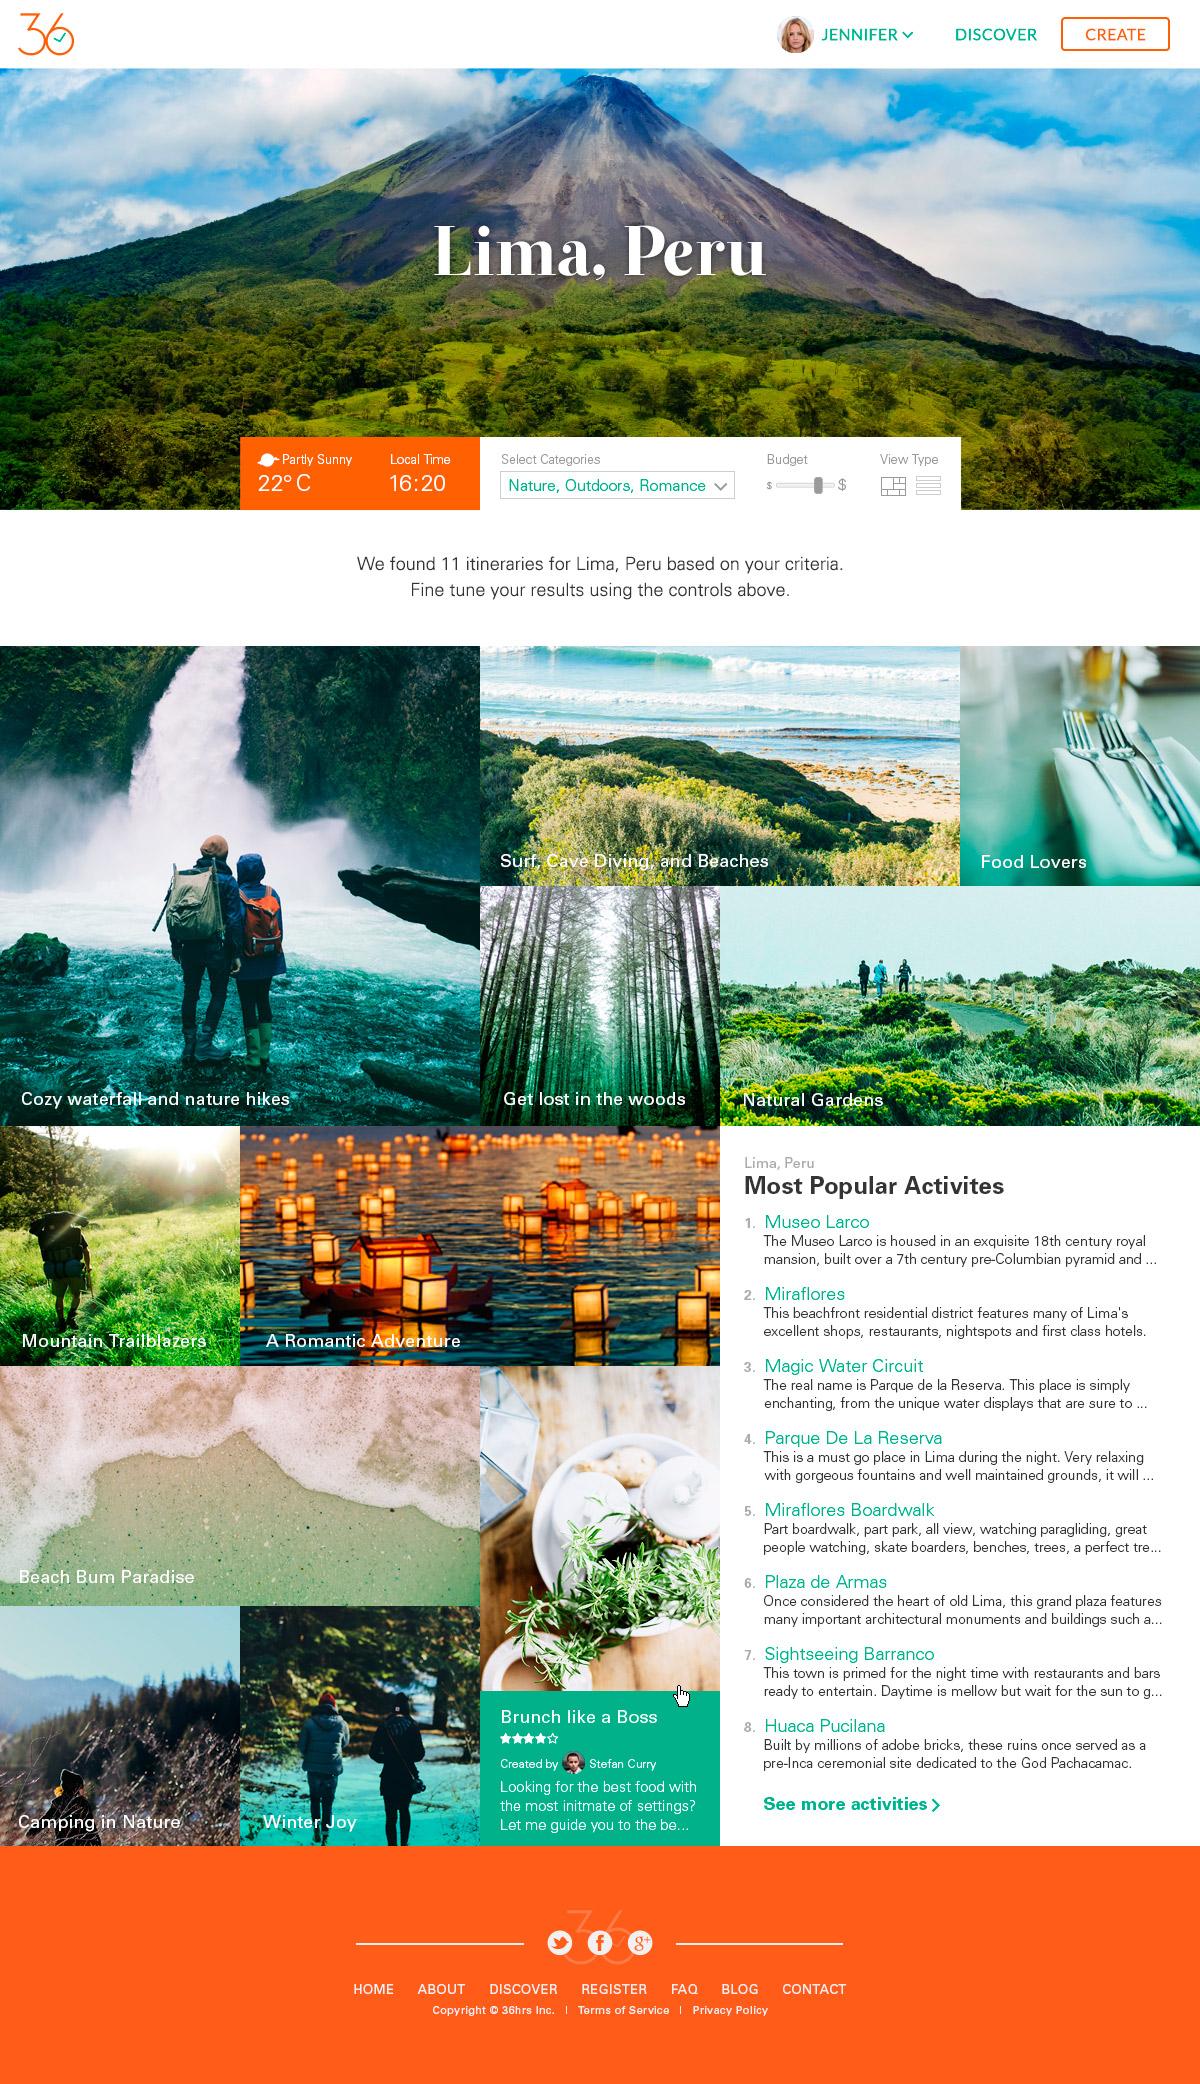 36hrs-website-design-grid-typography